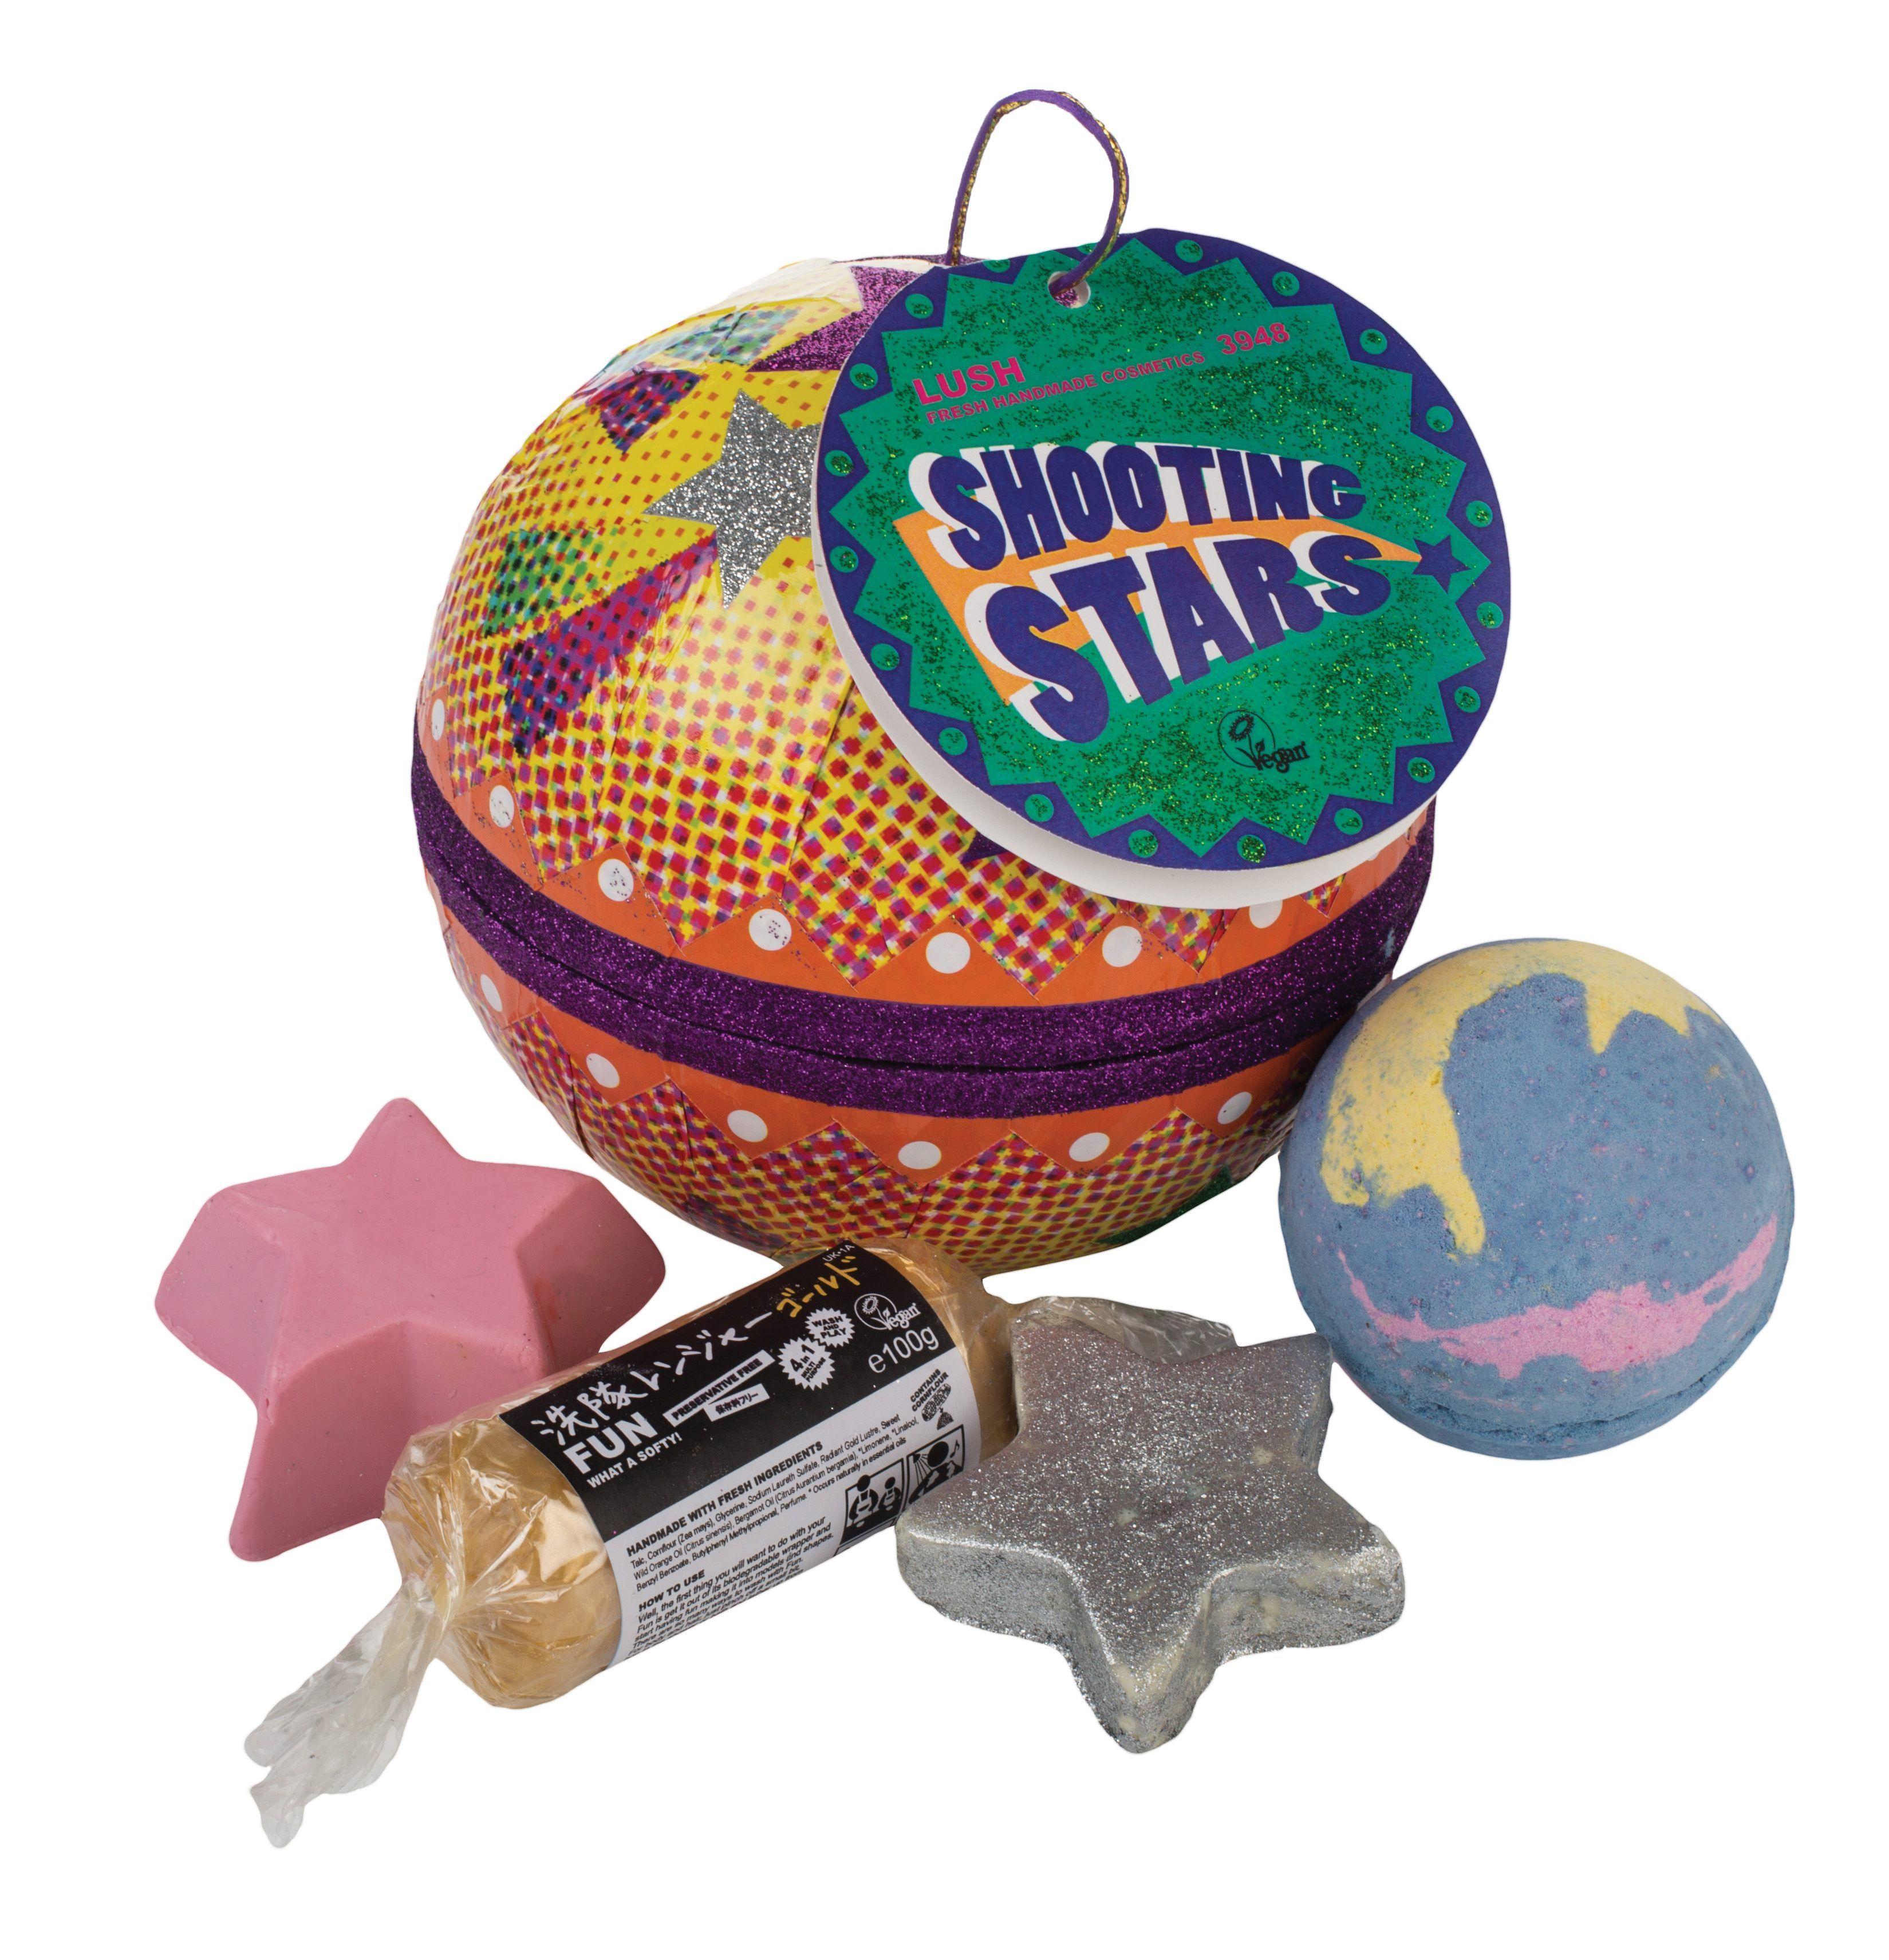 Lush shooting stars gift christmas gift guide